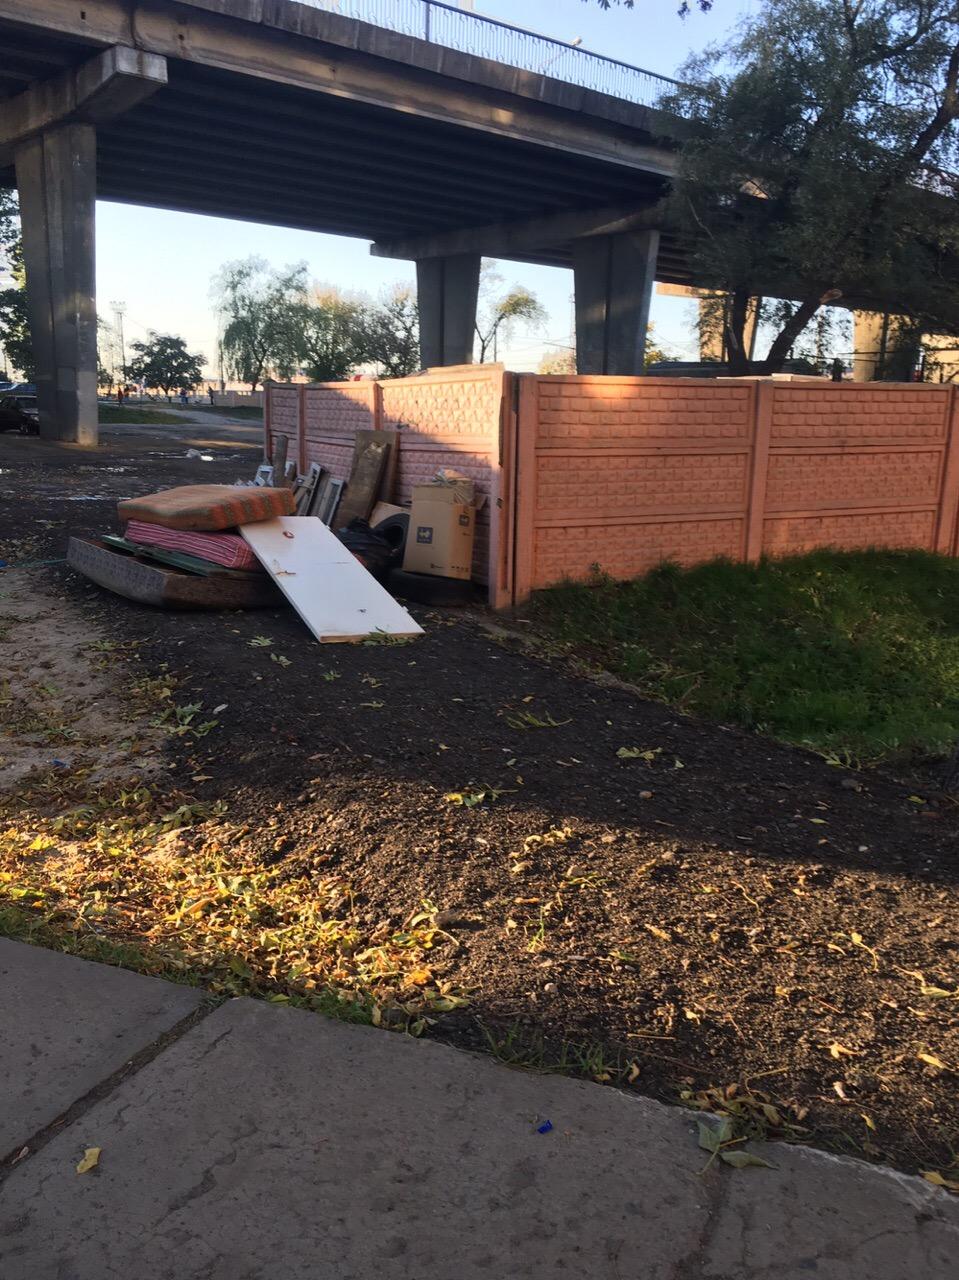 Жители ул. Скрипникова просят помочь им навести порядок на стихийной свалке во дворе